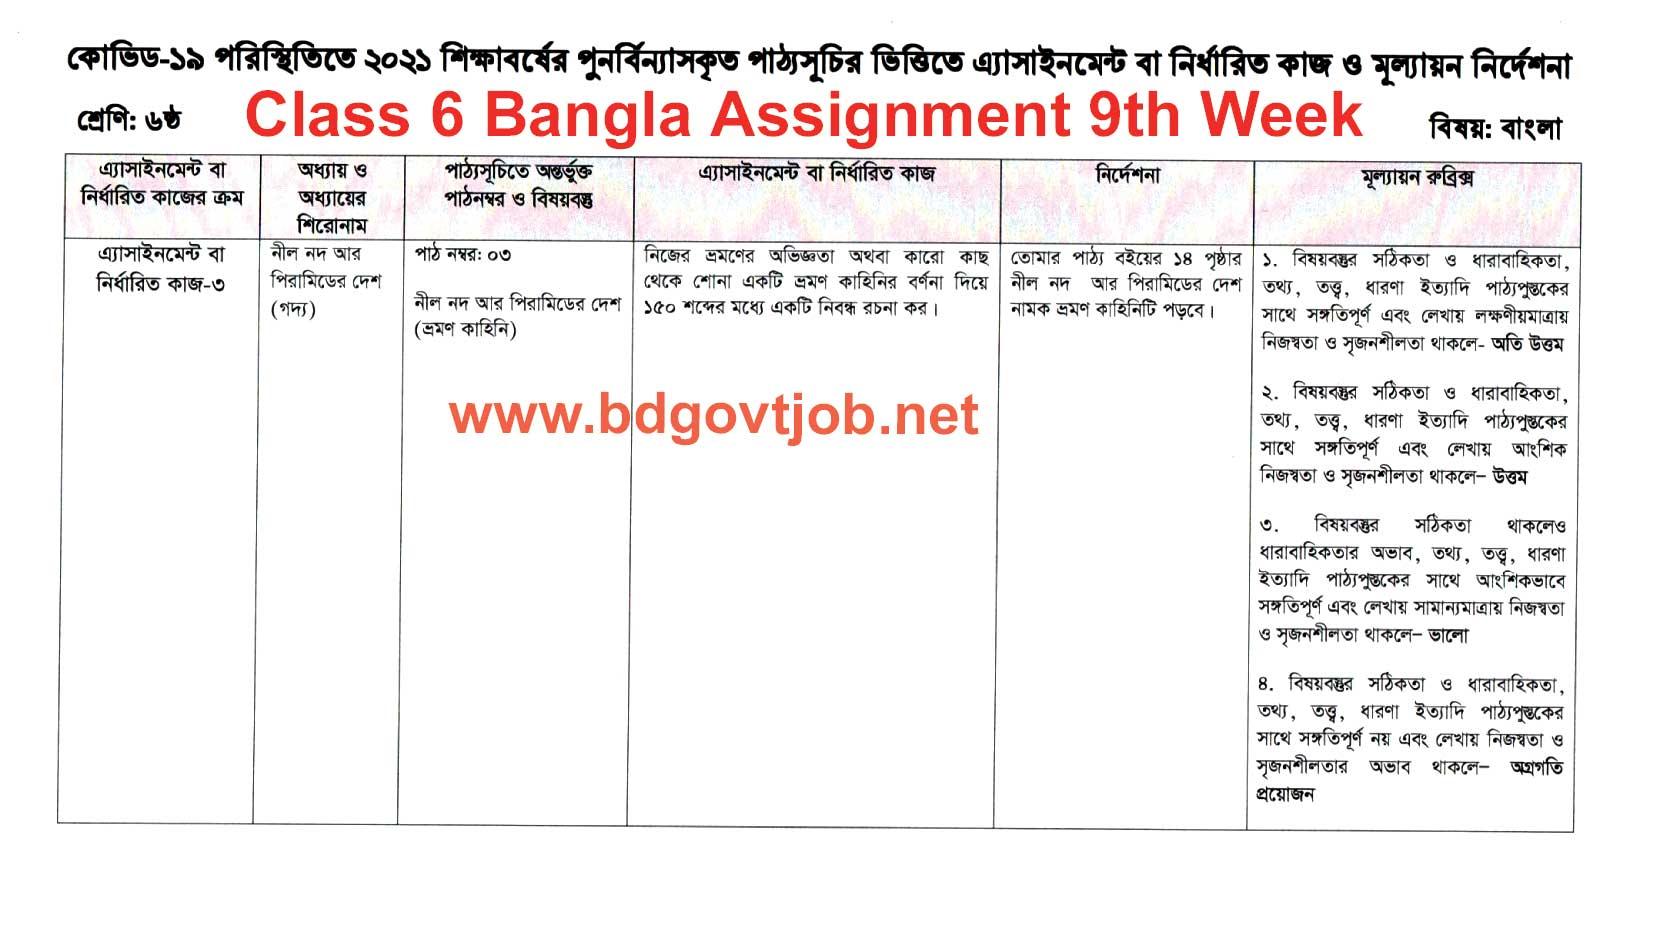 Class 6 Assignment Bangla 9th week